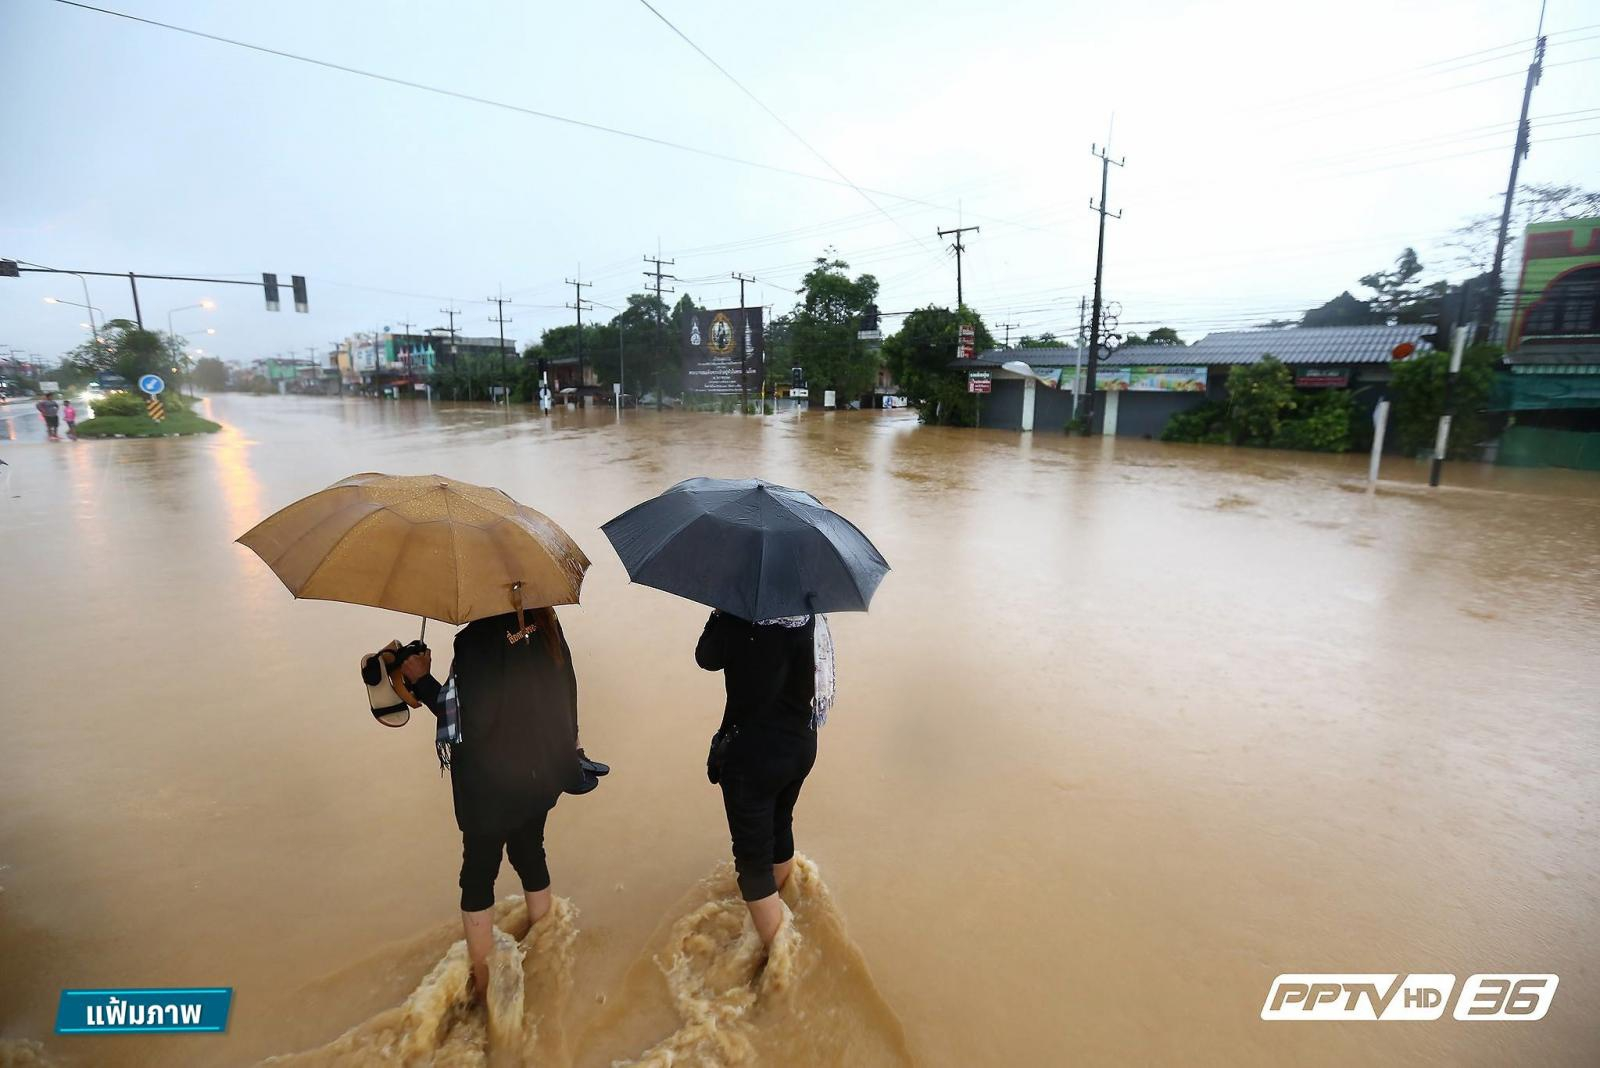 เตือน 8 จังหวัดใต้ รับมือฝนตกหนัก เสี่ยงพายุ น้ำท่วม ดินถล่ม